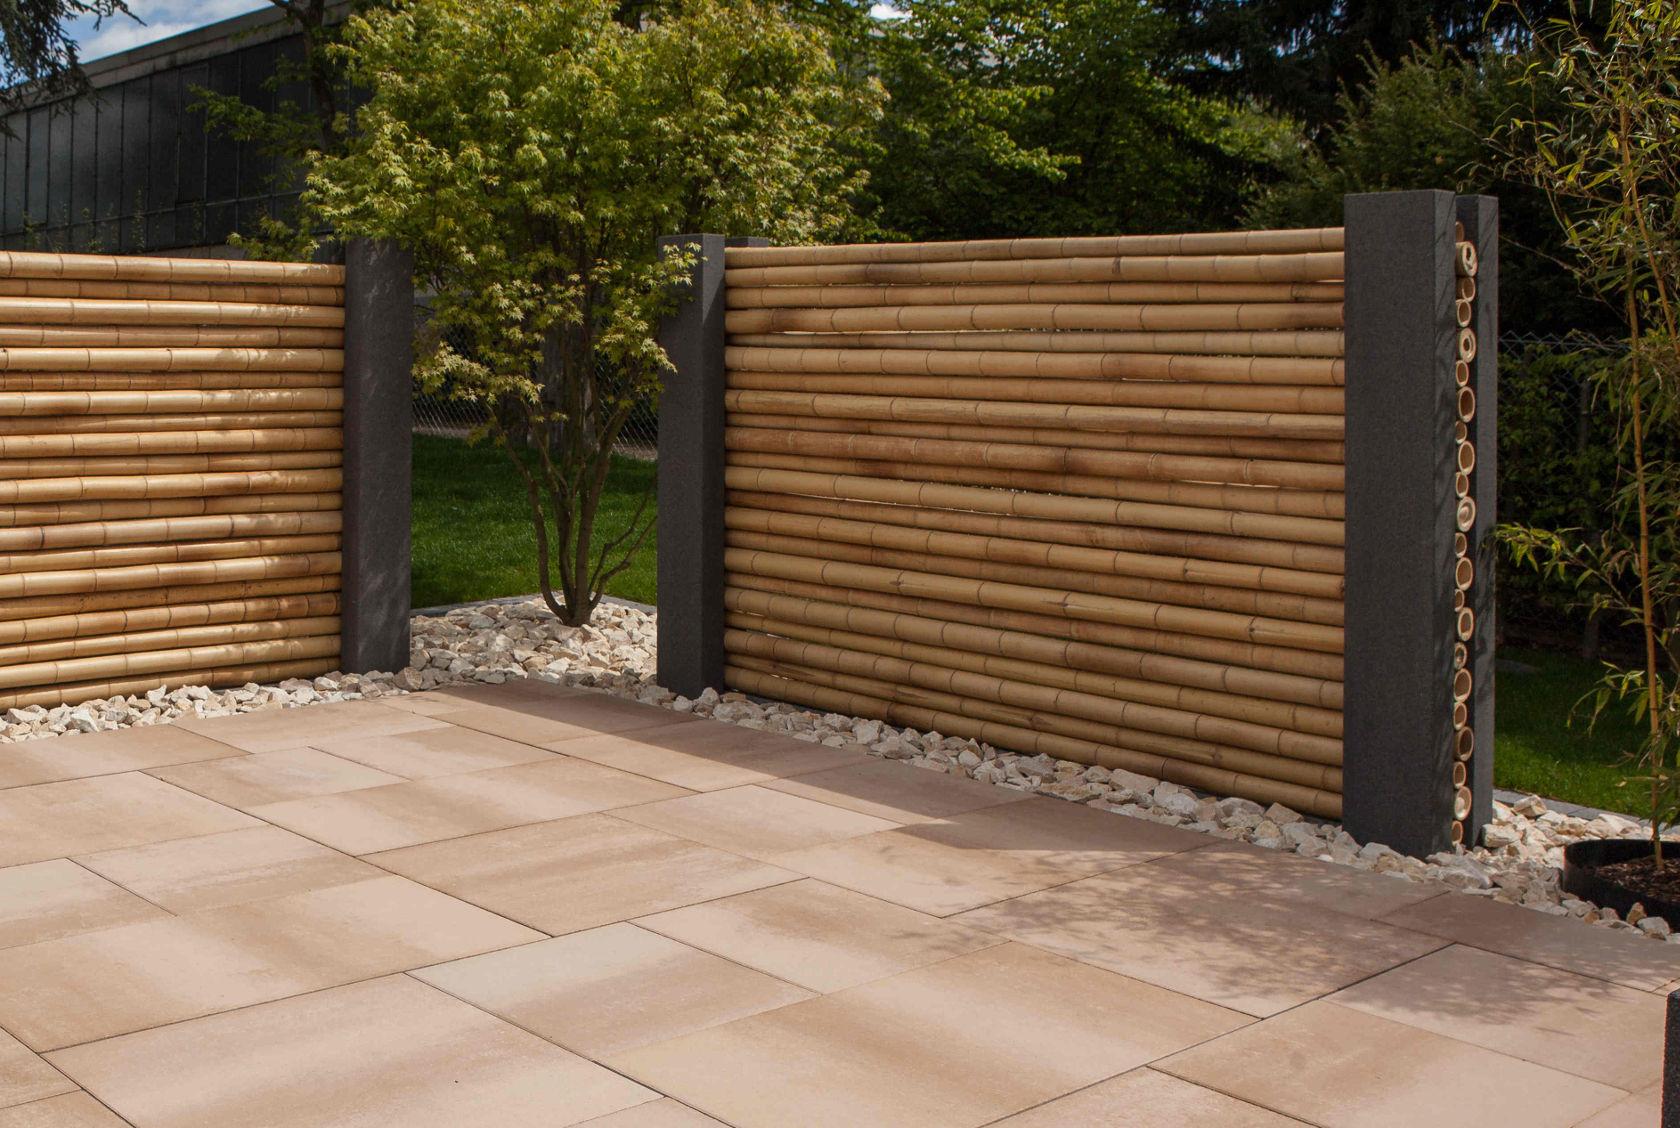 Bambusstäbe werden hier horizontal gestapelt und von Vario-Blocs eingefasst: Ein Sichtschutz der besonderen Art.